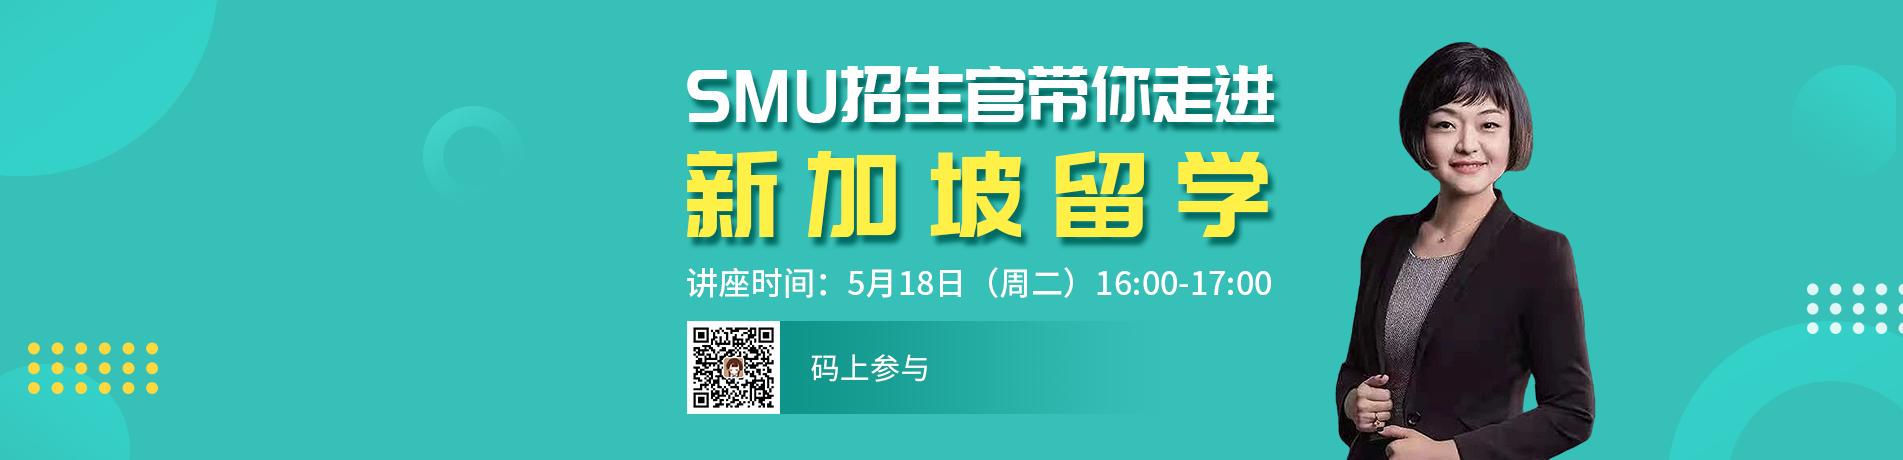 SMU 招生官面对面,讲解新加坡留学,一场讲座知透透!